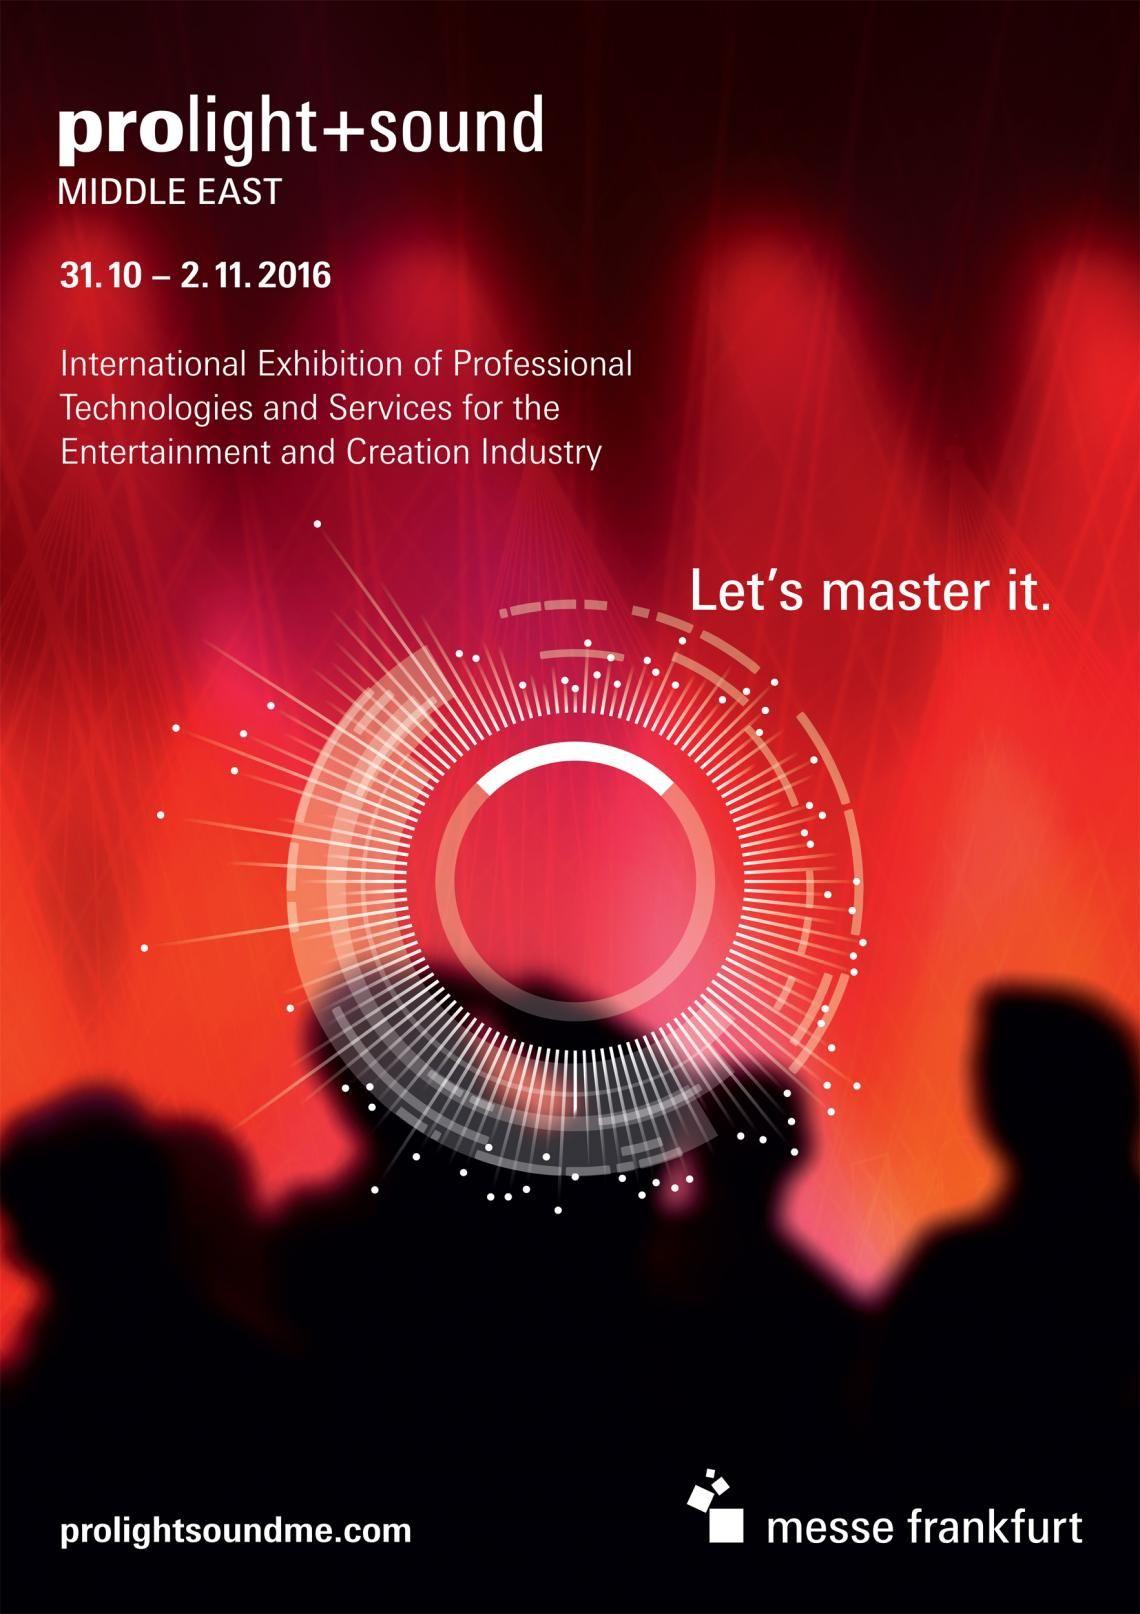 Messe Frankfurt veranstaltet in diesem Jahr erstmals die Prolight + Sound Middle East